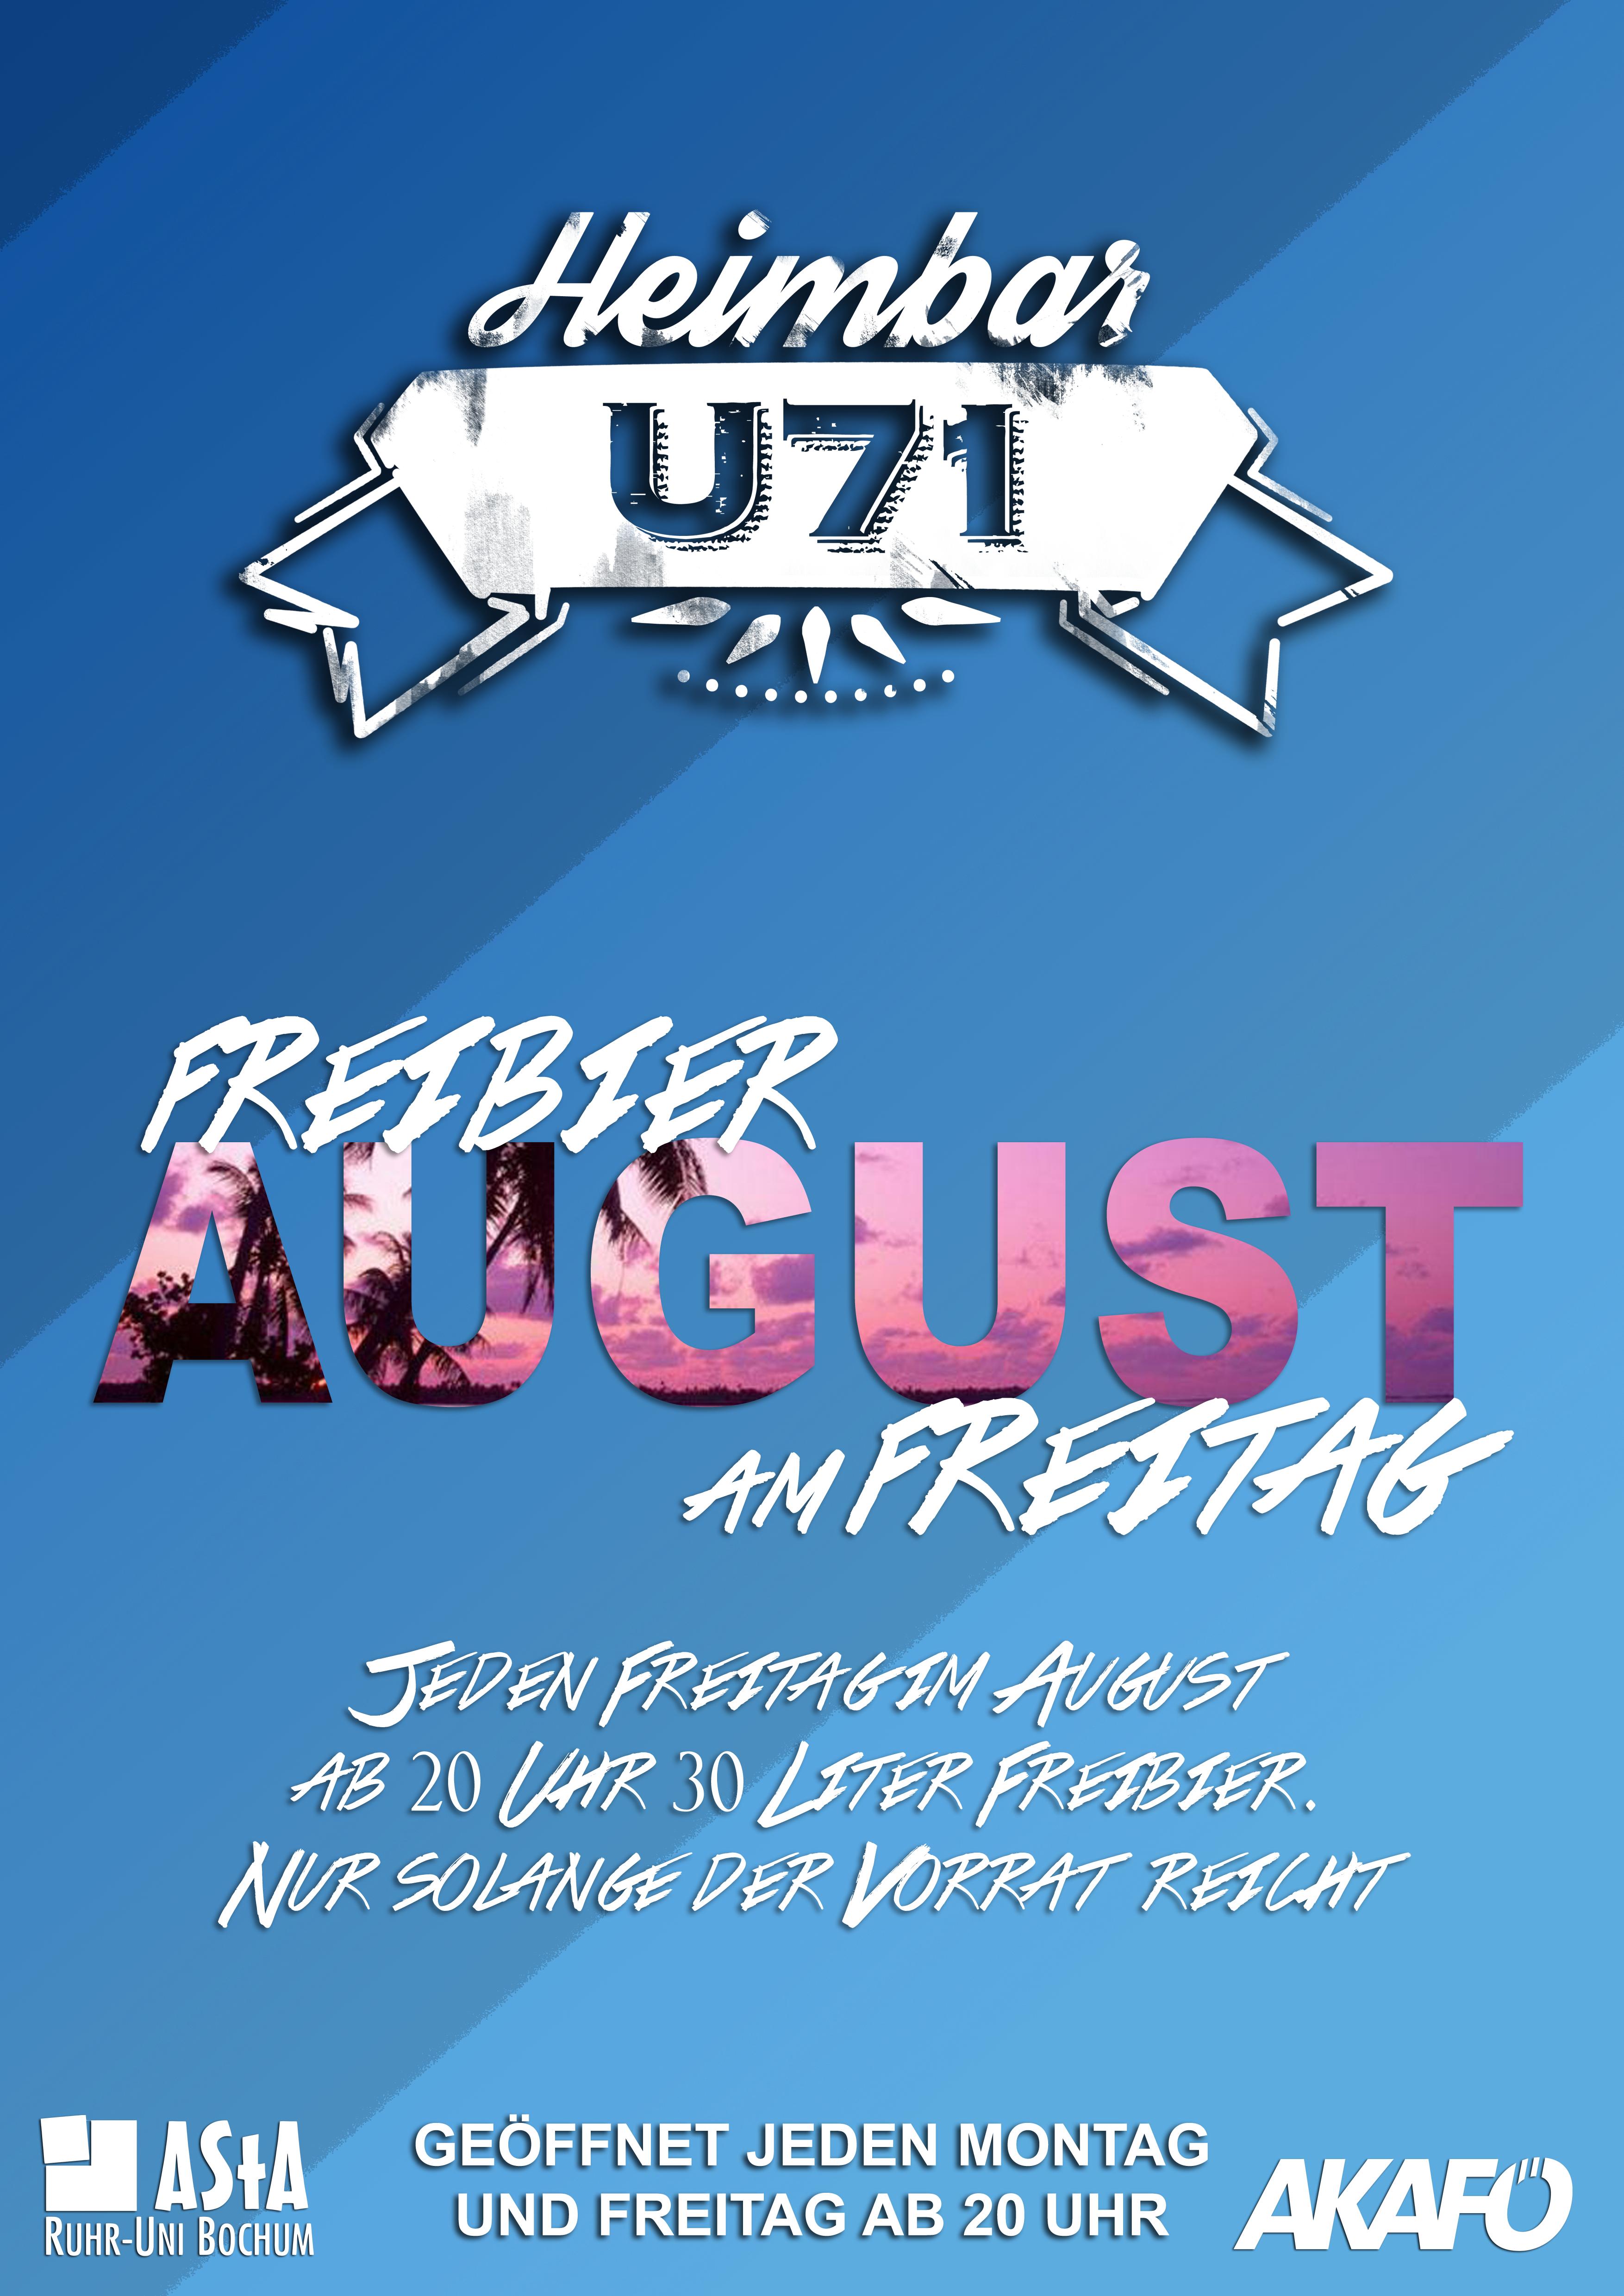 U71 - Freibierfreitagt